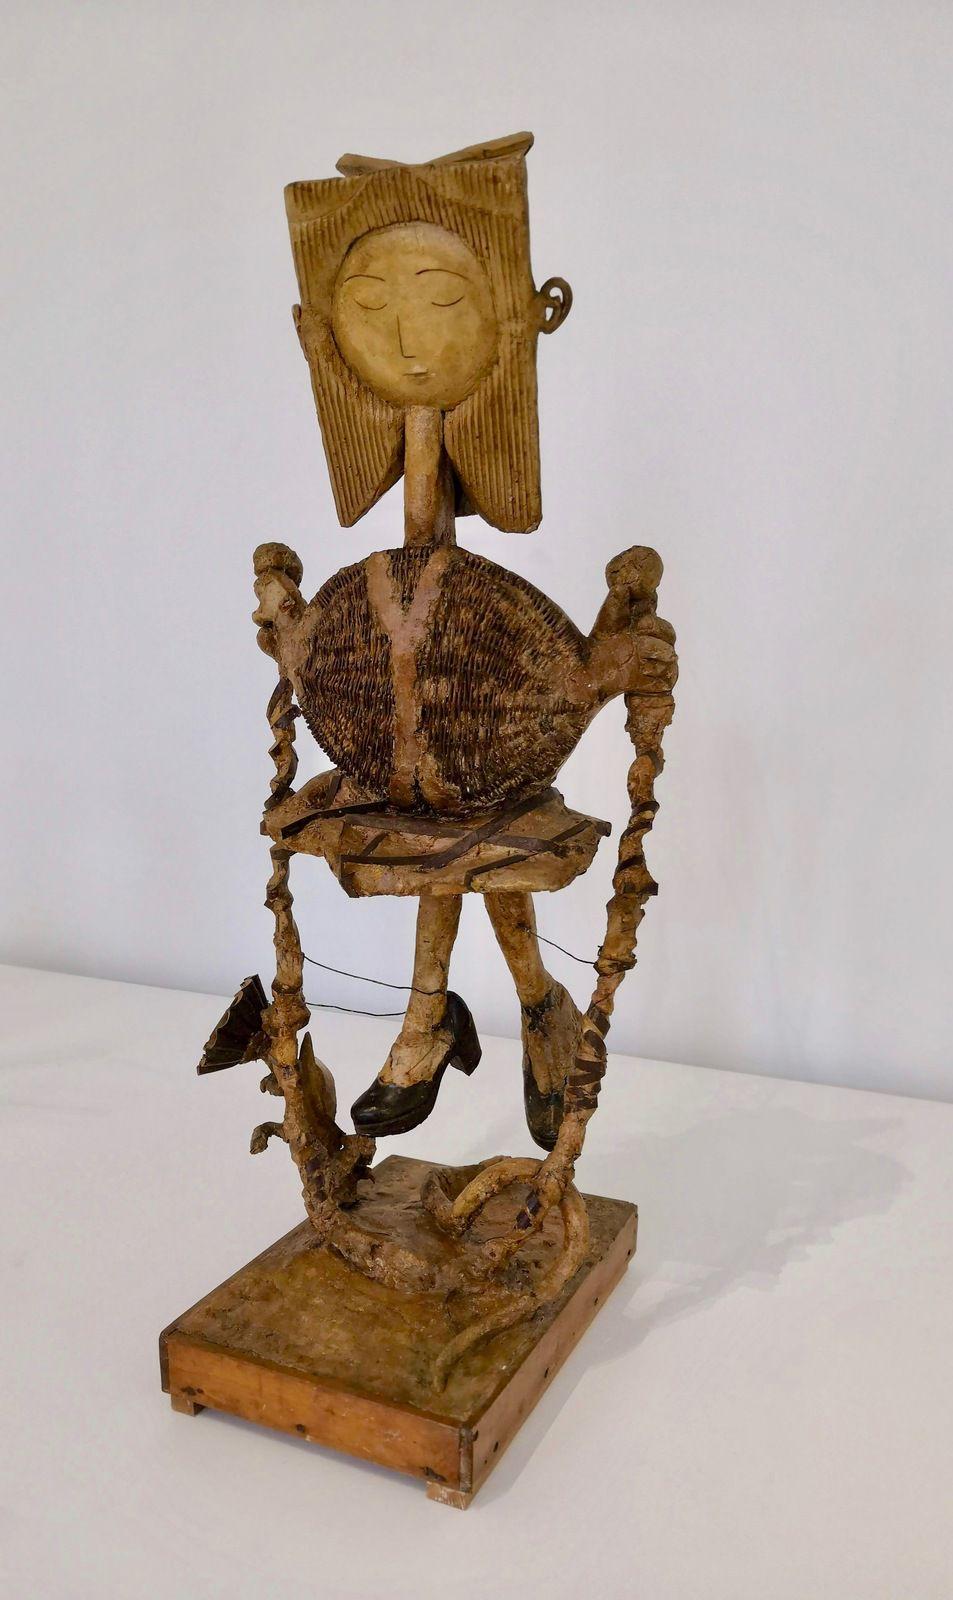 Pablo Picasso, Petite fille sautant à la corde, 1950, Plâtre, panier en osier, moule à gâteaux, chaussures, bois, fer, céramique, Musée national Picasso-Paris